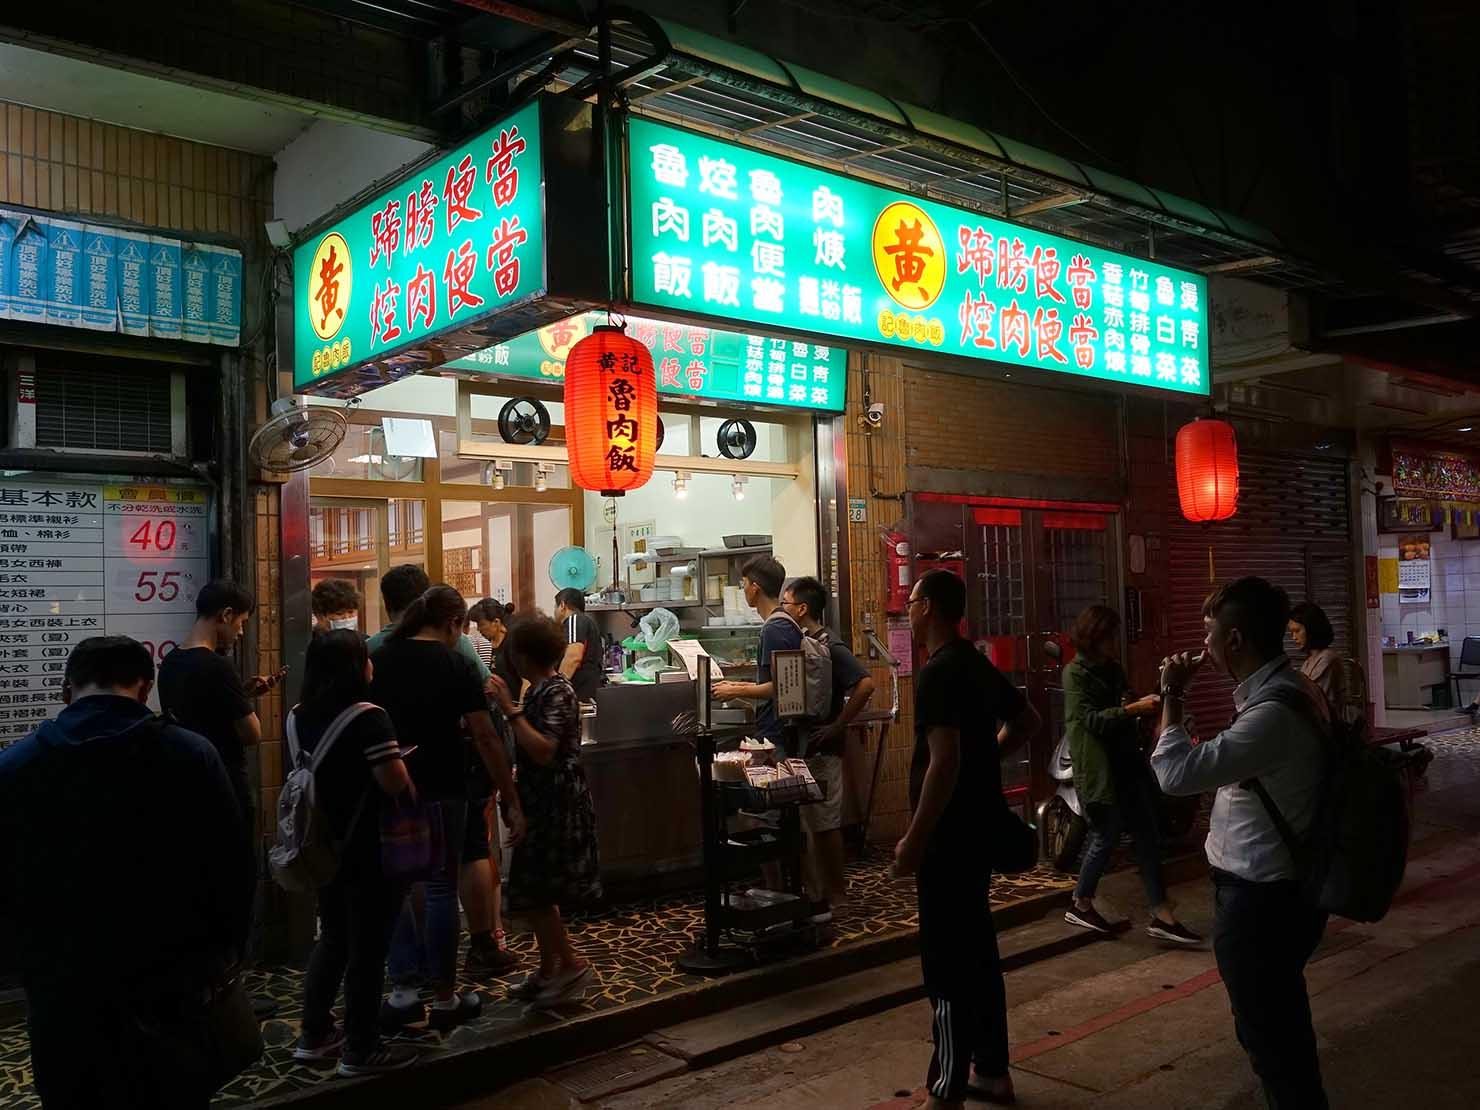 台北・民權西路&中山國中駅周辺(晴光市場)のおすすめグルメ店「黃記魯肉飯」の外観